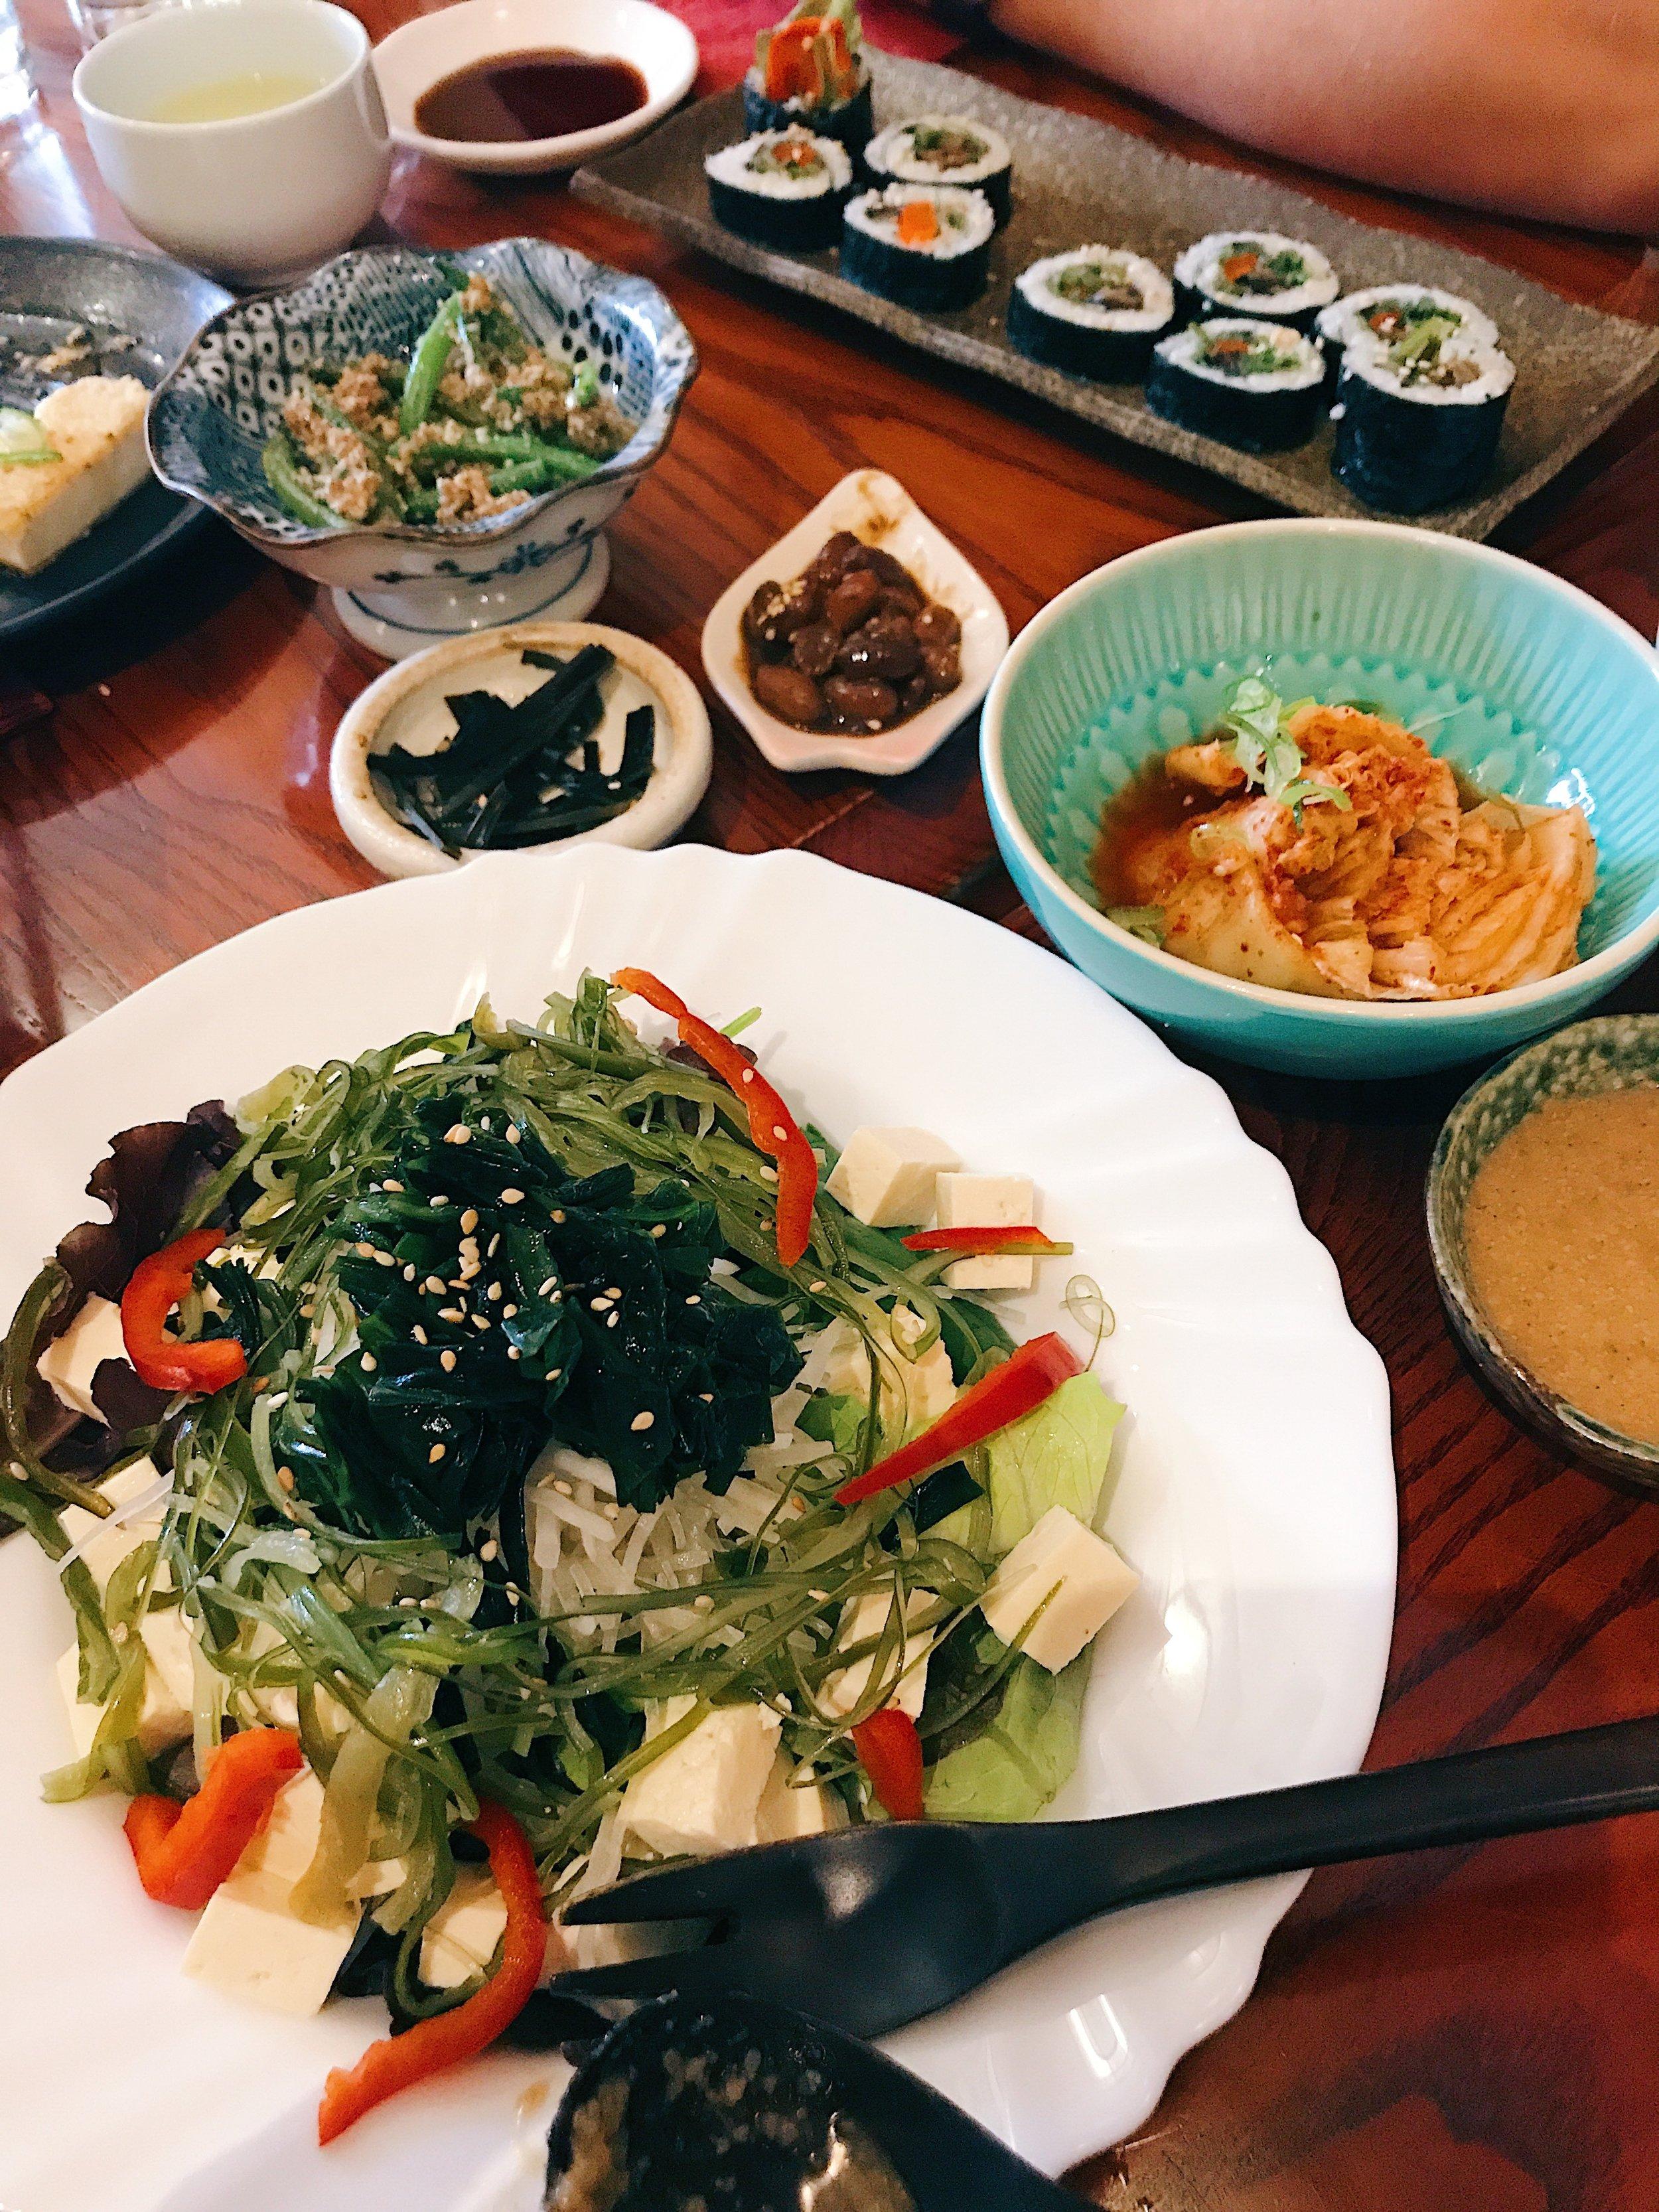 Seaweed salad, kimchi,